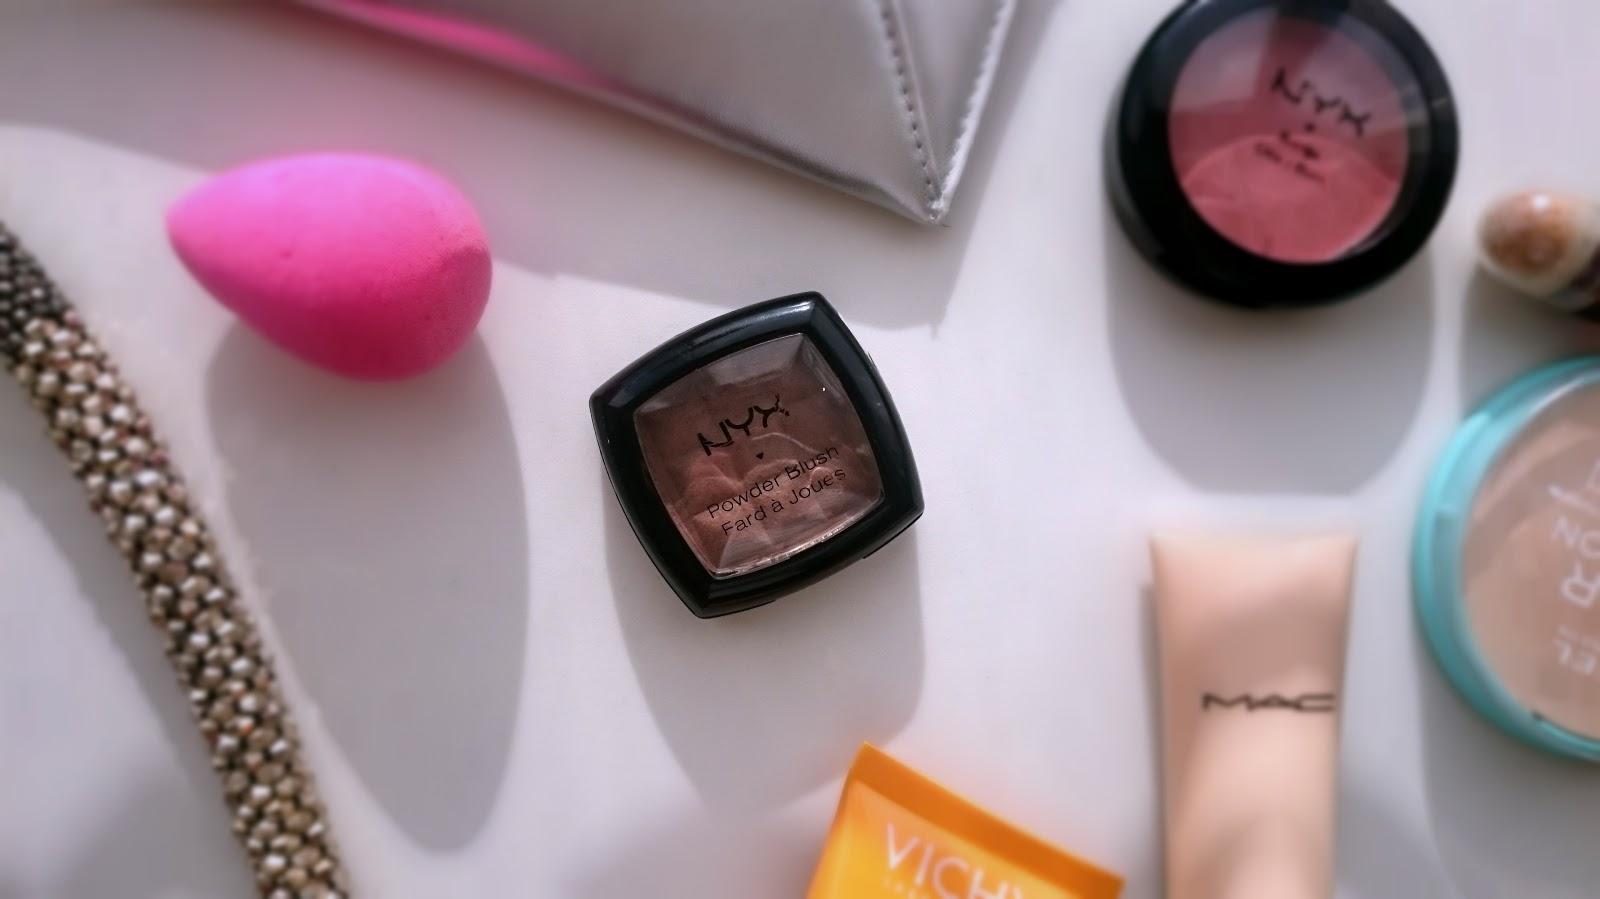 Róż z NYX Powder Blush- idealny produkt do konturowania twarzy.